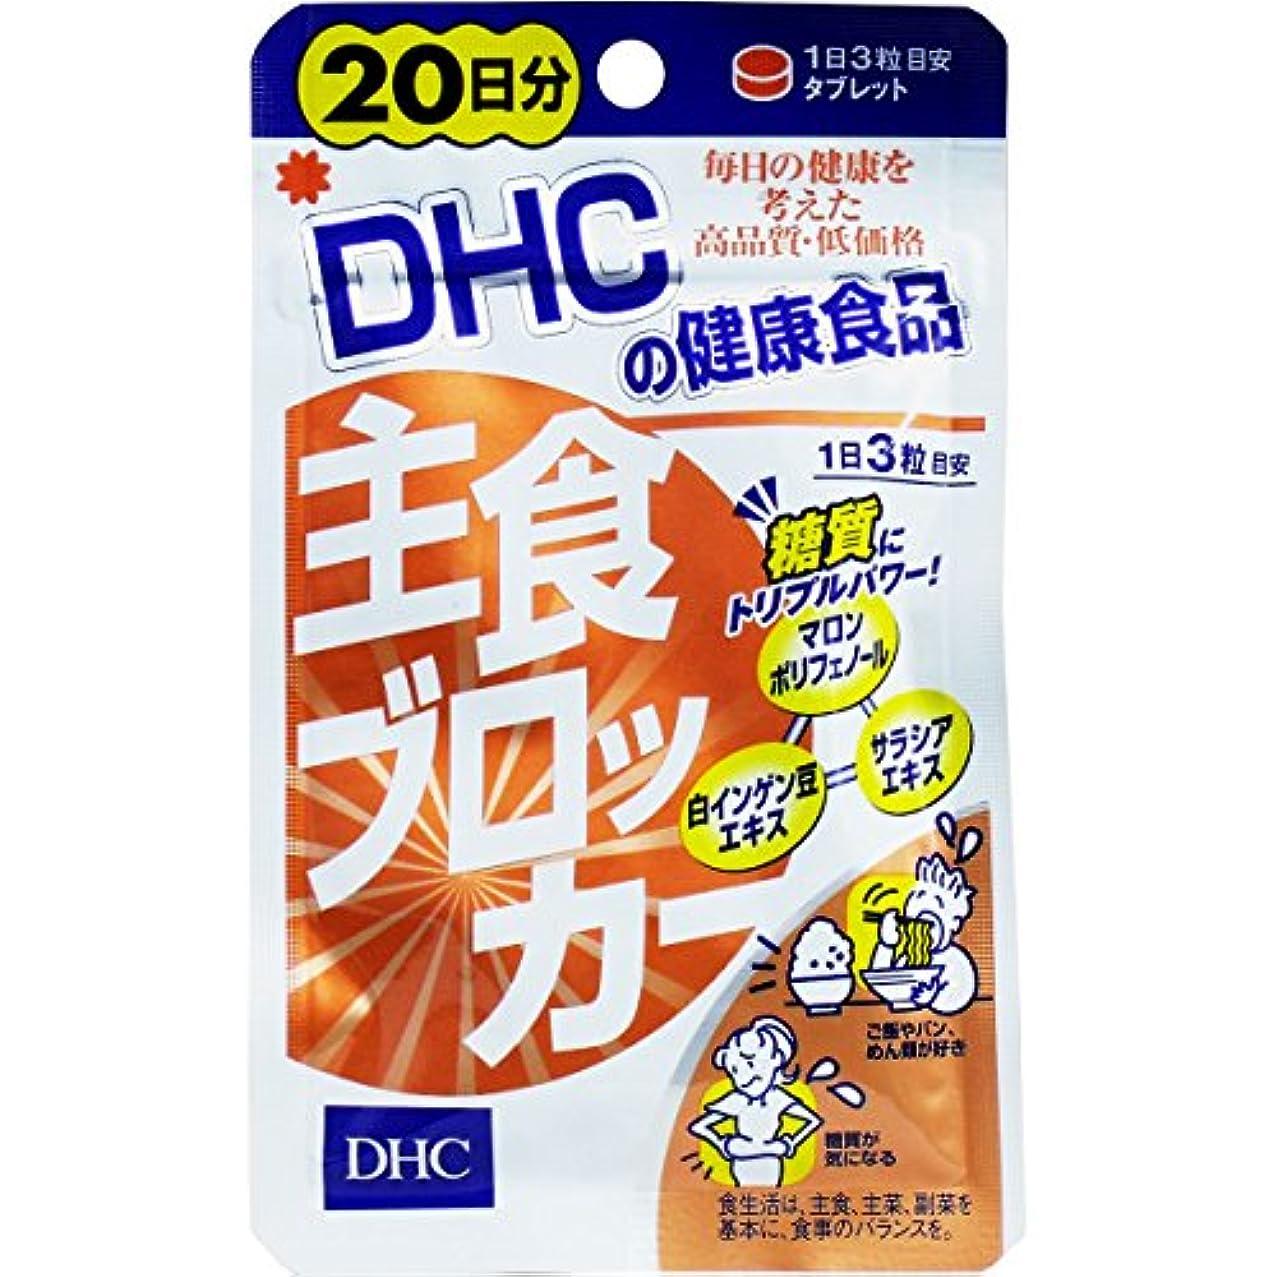 狂った嫉妬理解ダイエット トリプルパワーでため込み対策 栄養機能食品 DHC 主食ブロッカー 20日分 60粒入【5個セット】